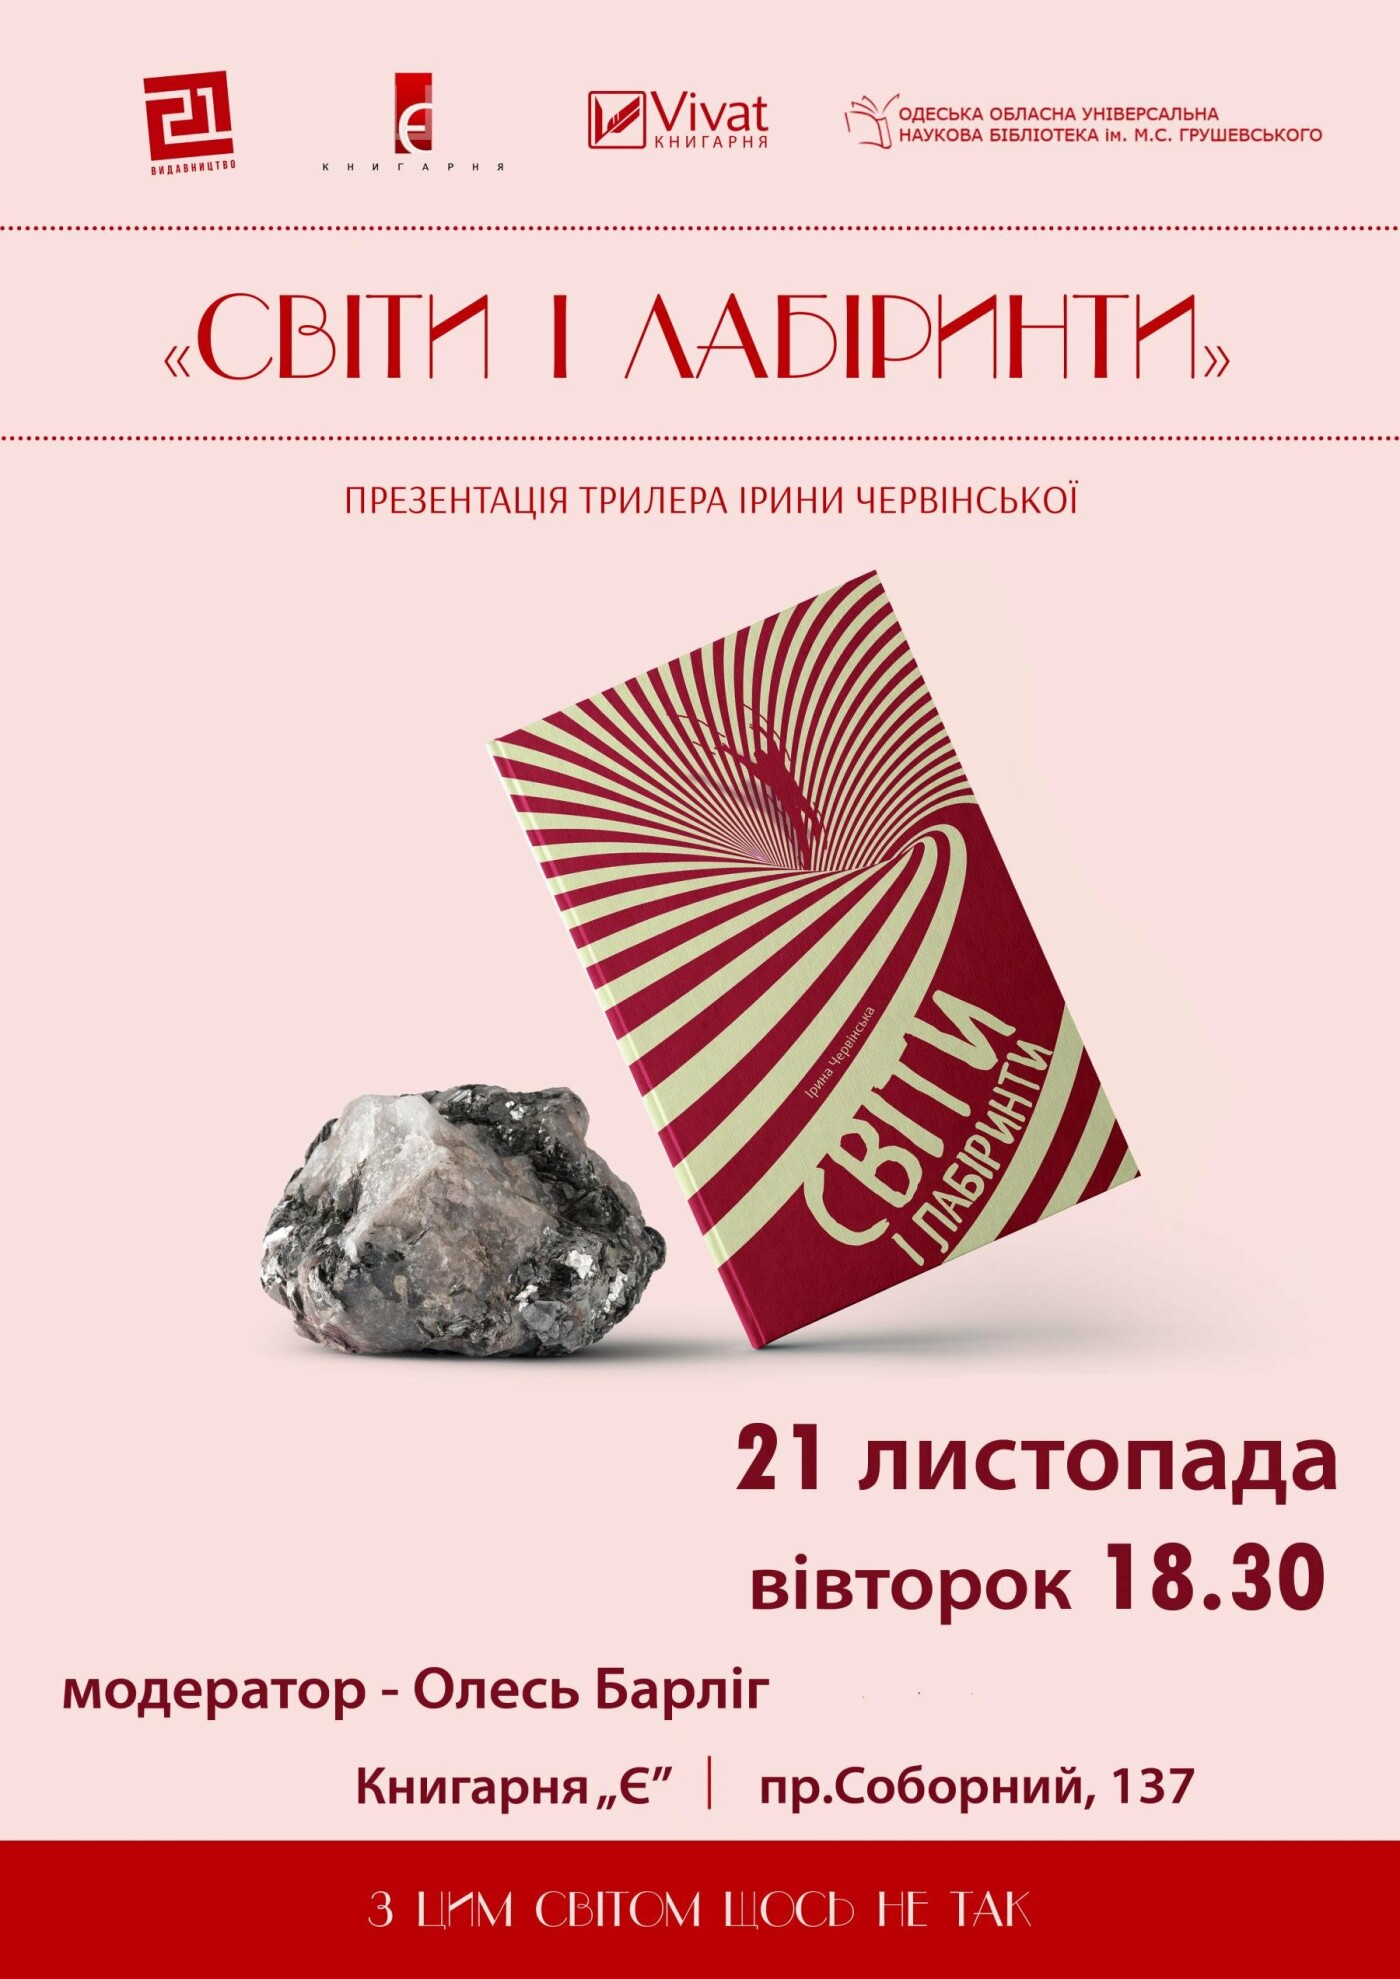 В Запорожье презентуют новый роман Ирины Червинской, – АФИША, фото-1